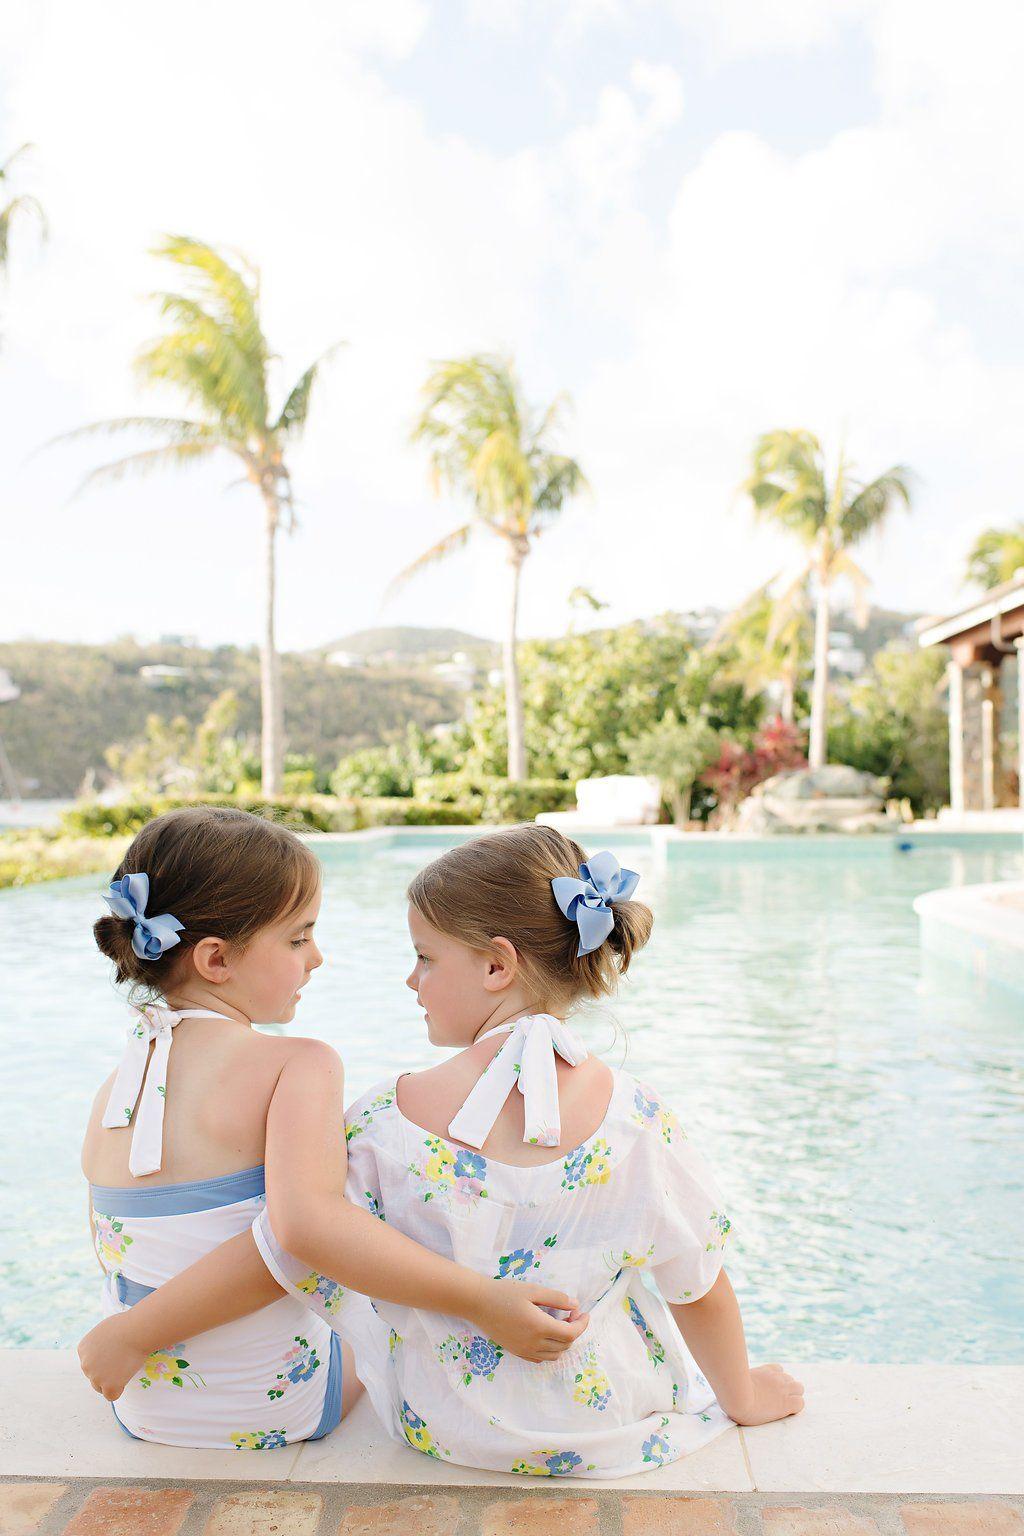 b996d4402c28c Palm Beach Bathing Suit - Biltmore Bouquet Blues with Park City Periwi - The  Beaufort Bonnet Company